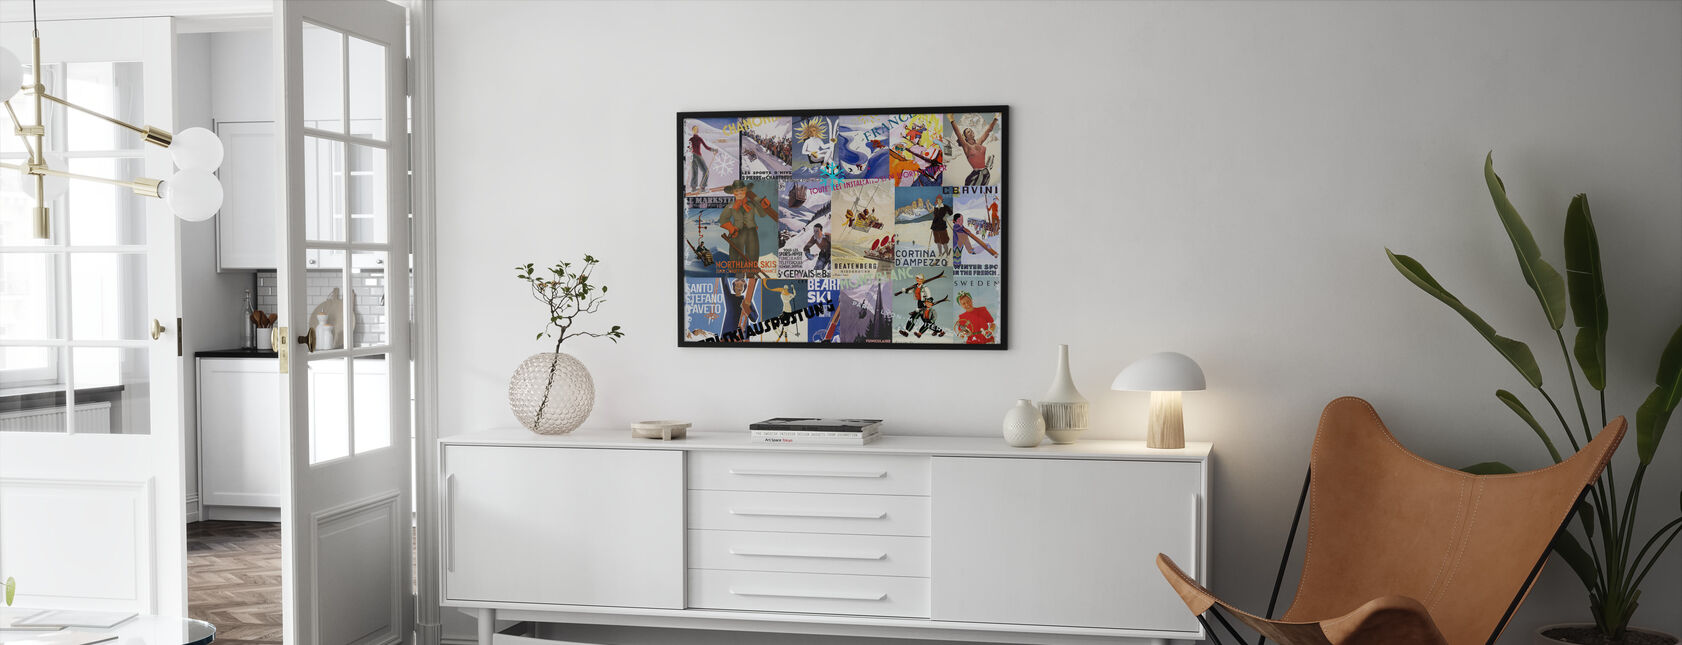 Skidorter Collage - Inramad tavla - Vardagsrum